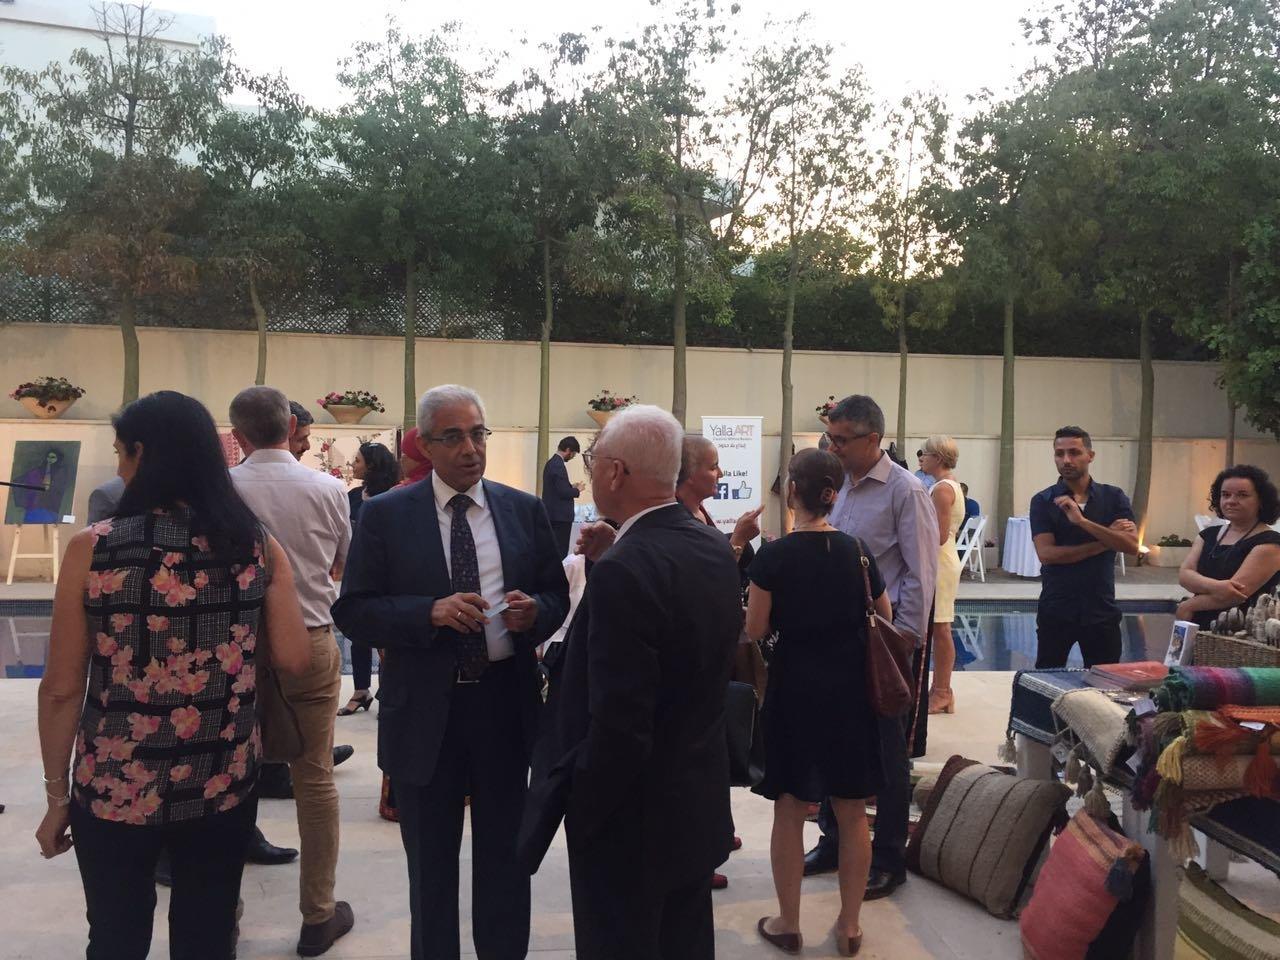 سفير الاتحاد الاوروبي يقيم افطار ويعرض منتجات لنساء عربيات